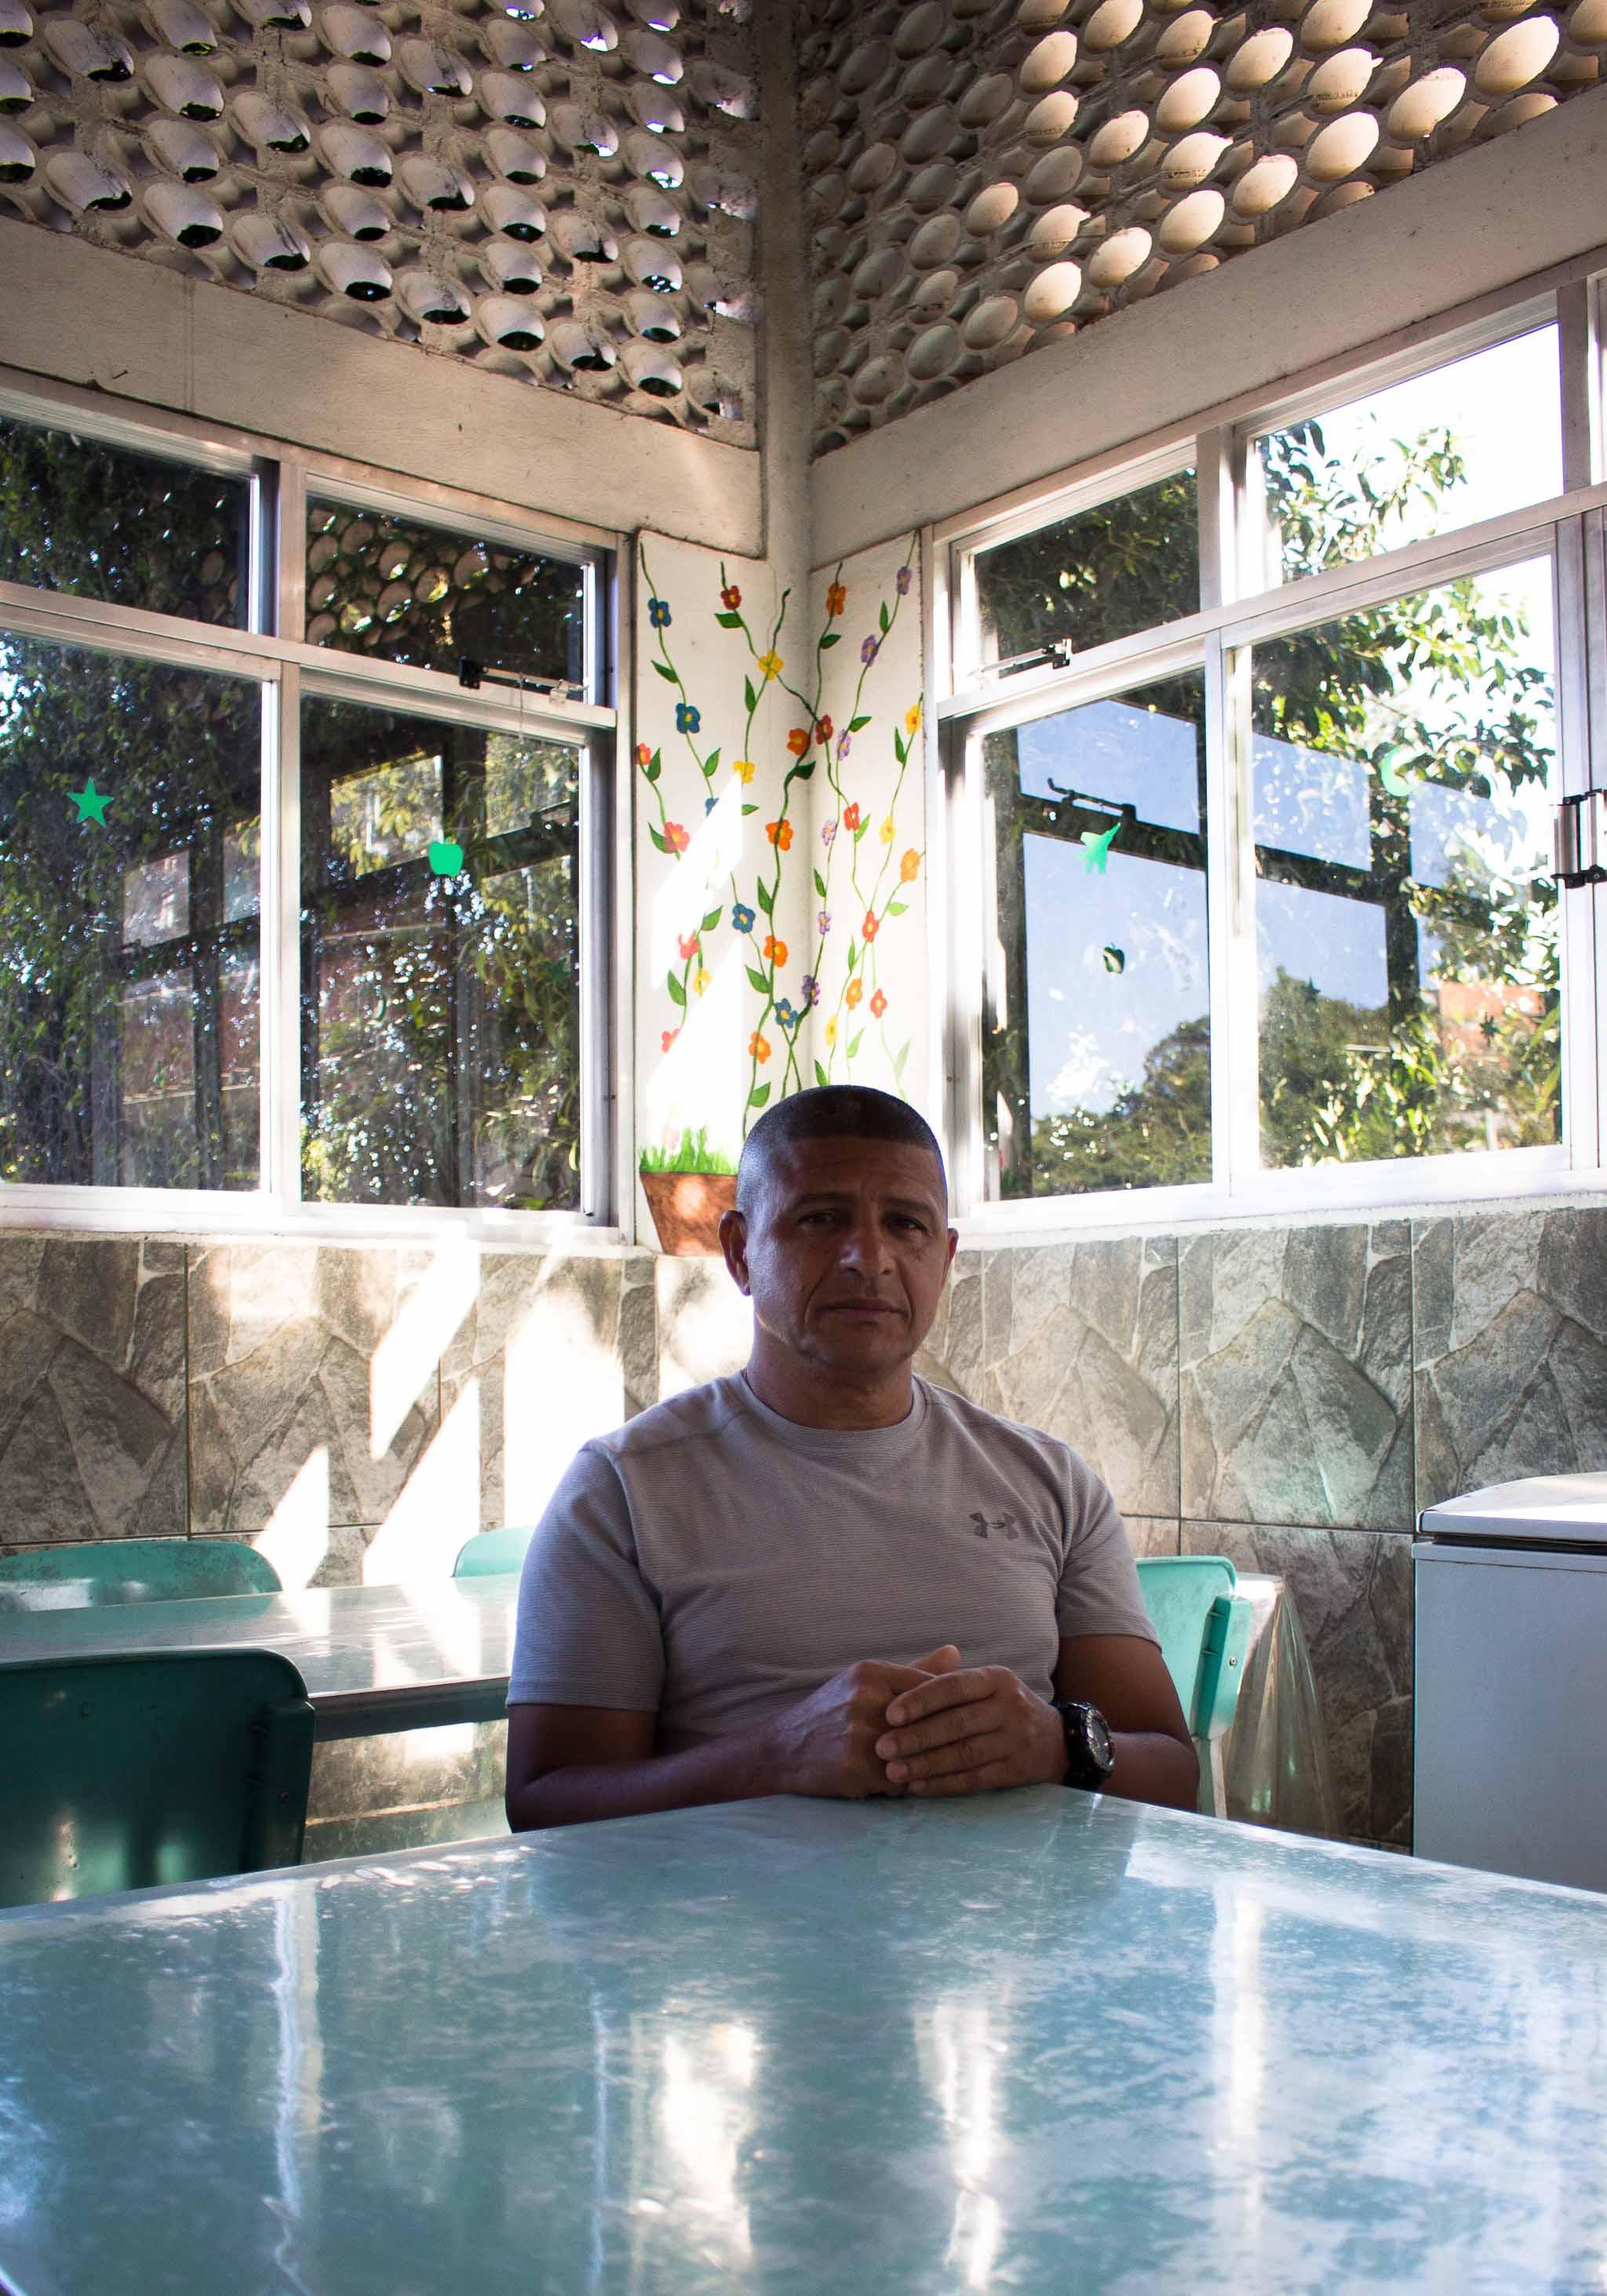 Carlos Antônio Pereira, diretor da escolinha. Foto: Betinho Casas Novas/Voz das Comunidades